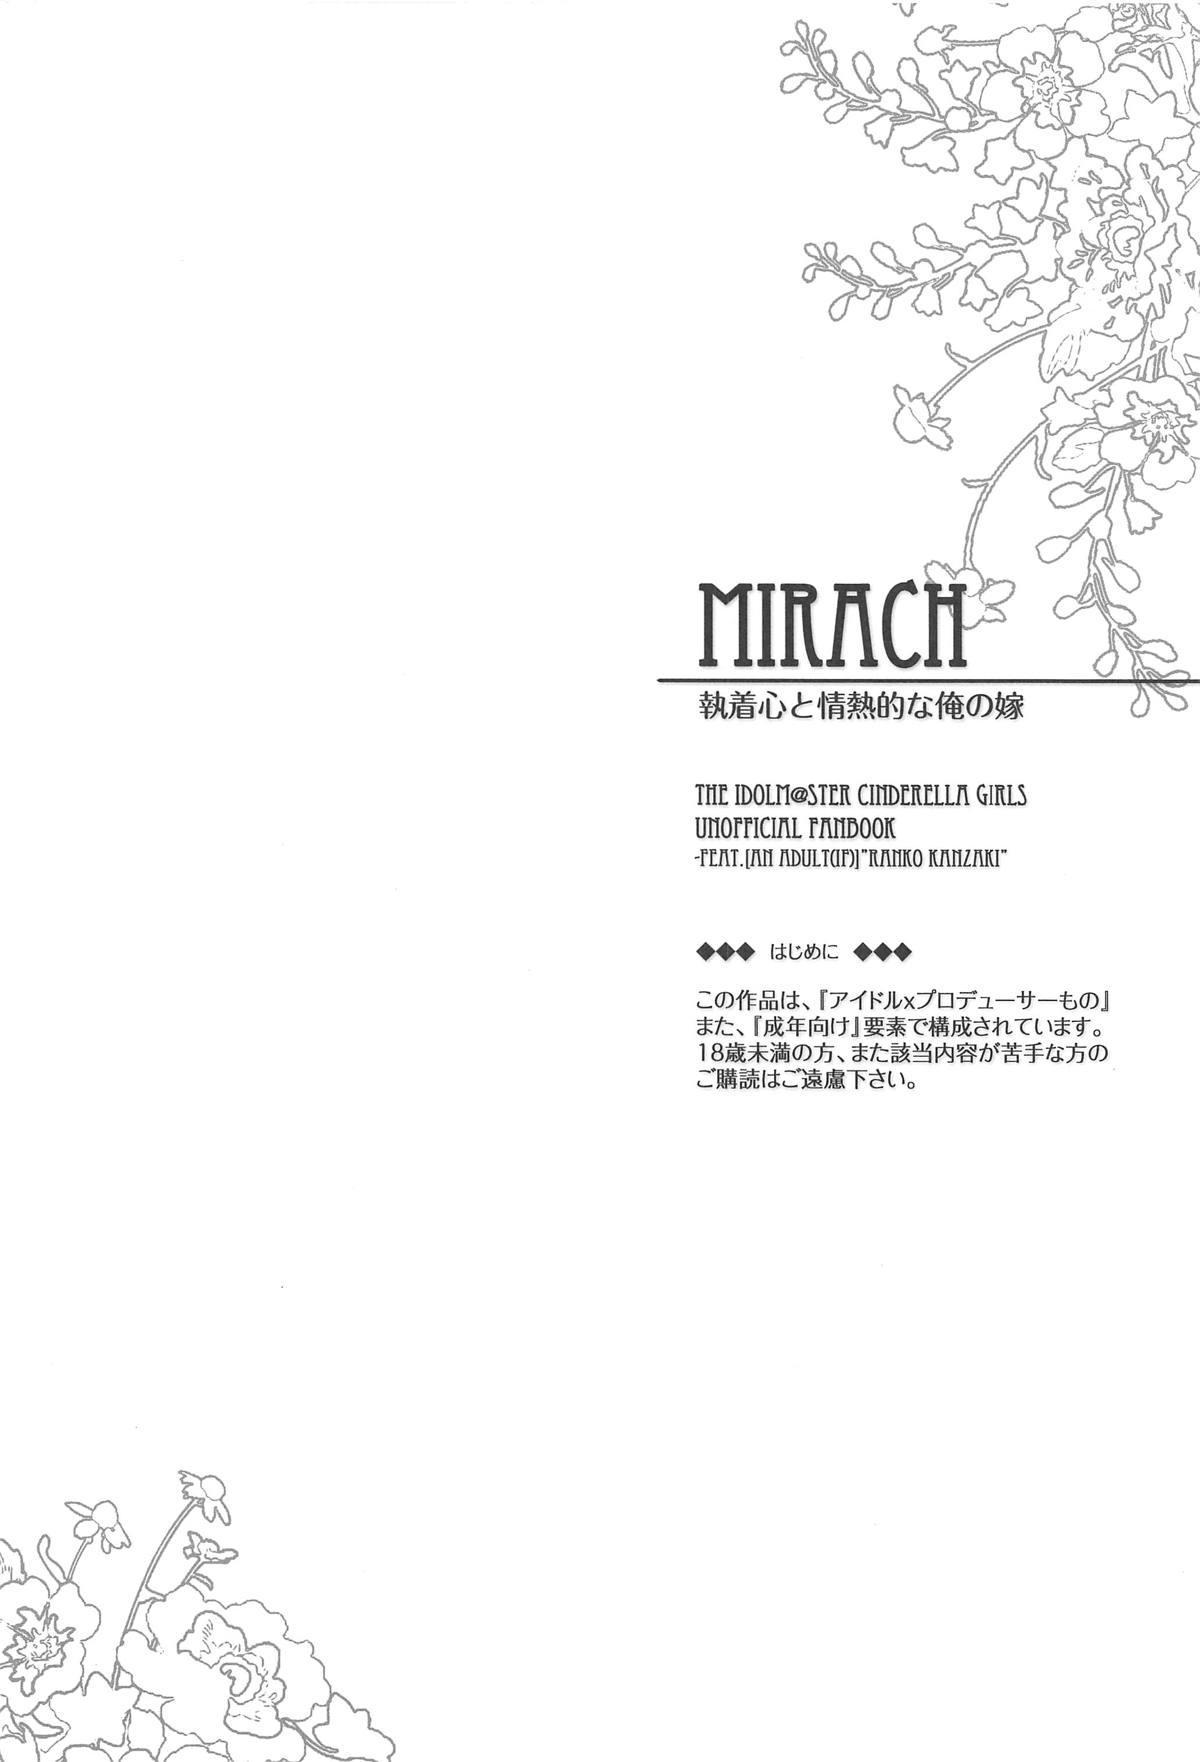 MIRACH 2